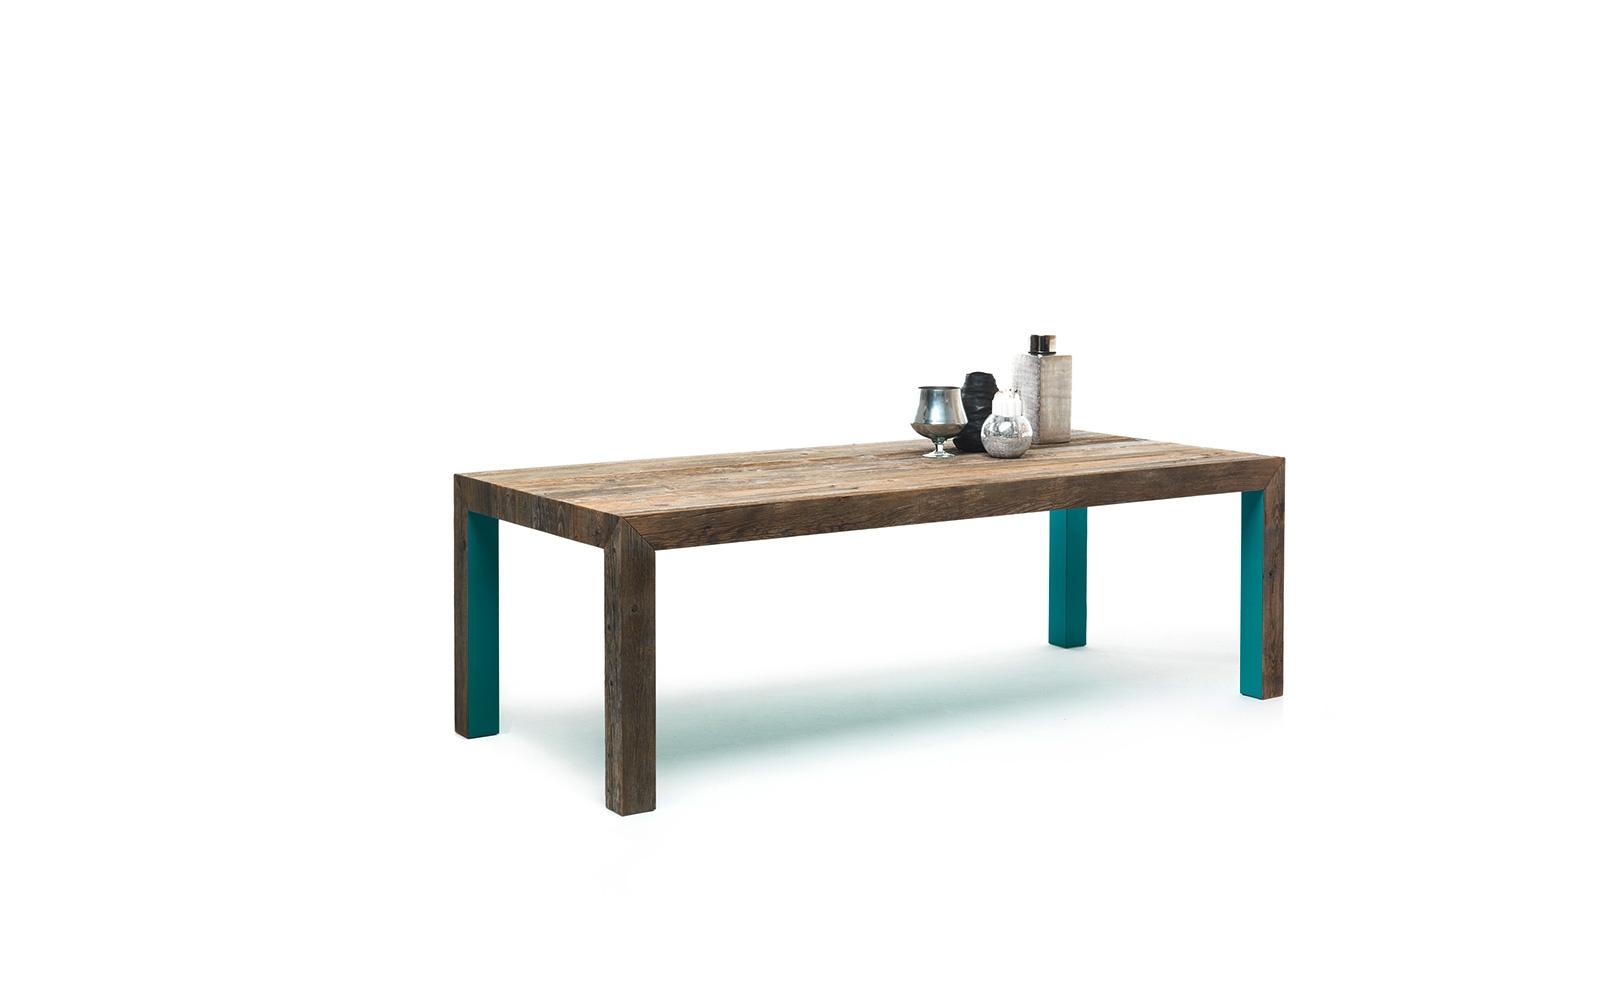 mogg_ziotom_table_04.jpg